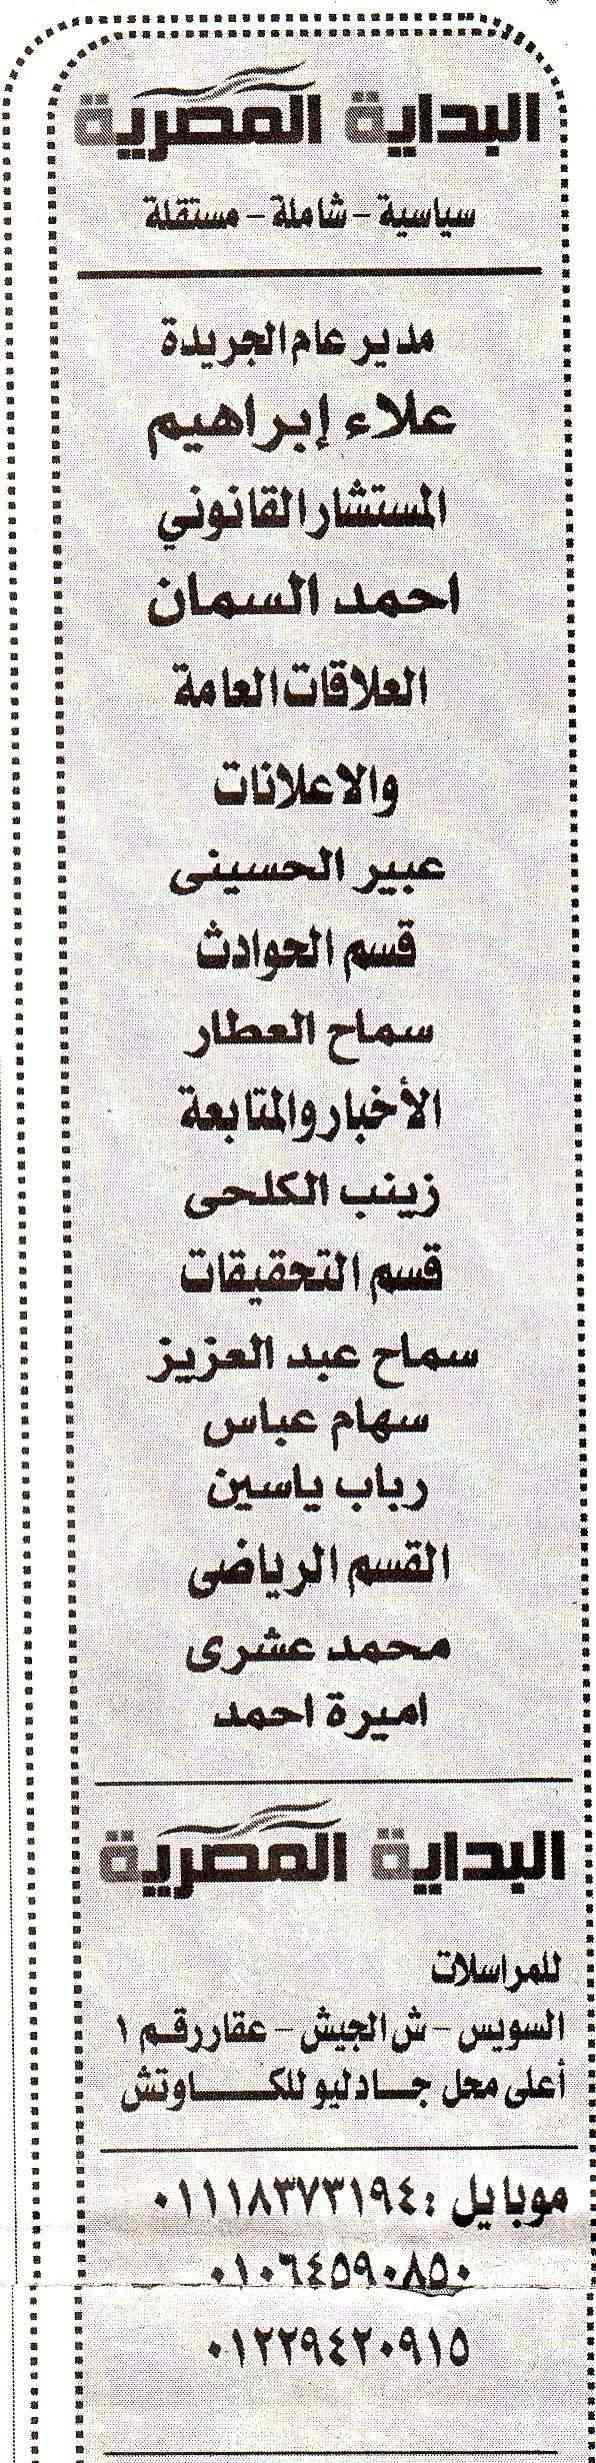 جريدة البداية المصرية - السويس | شاعر الحرية Untitl14